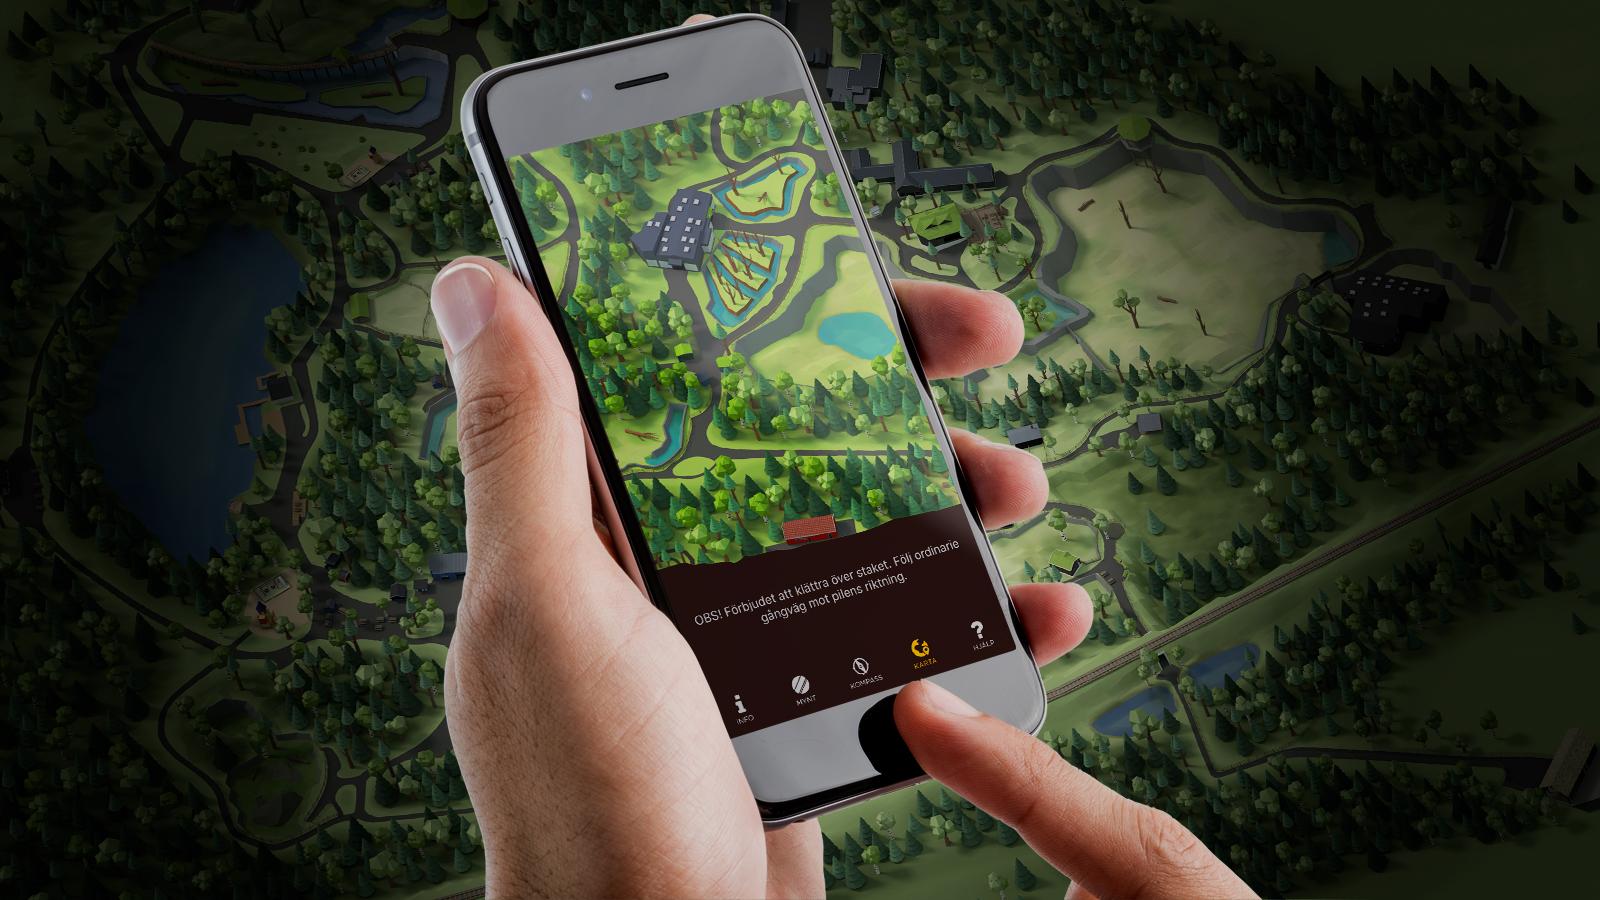 Karta Boras Djurpark.Gamification Tar Plats I Boras Djurpark Cap Design